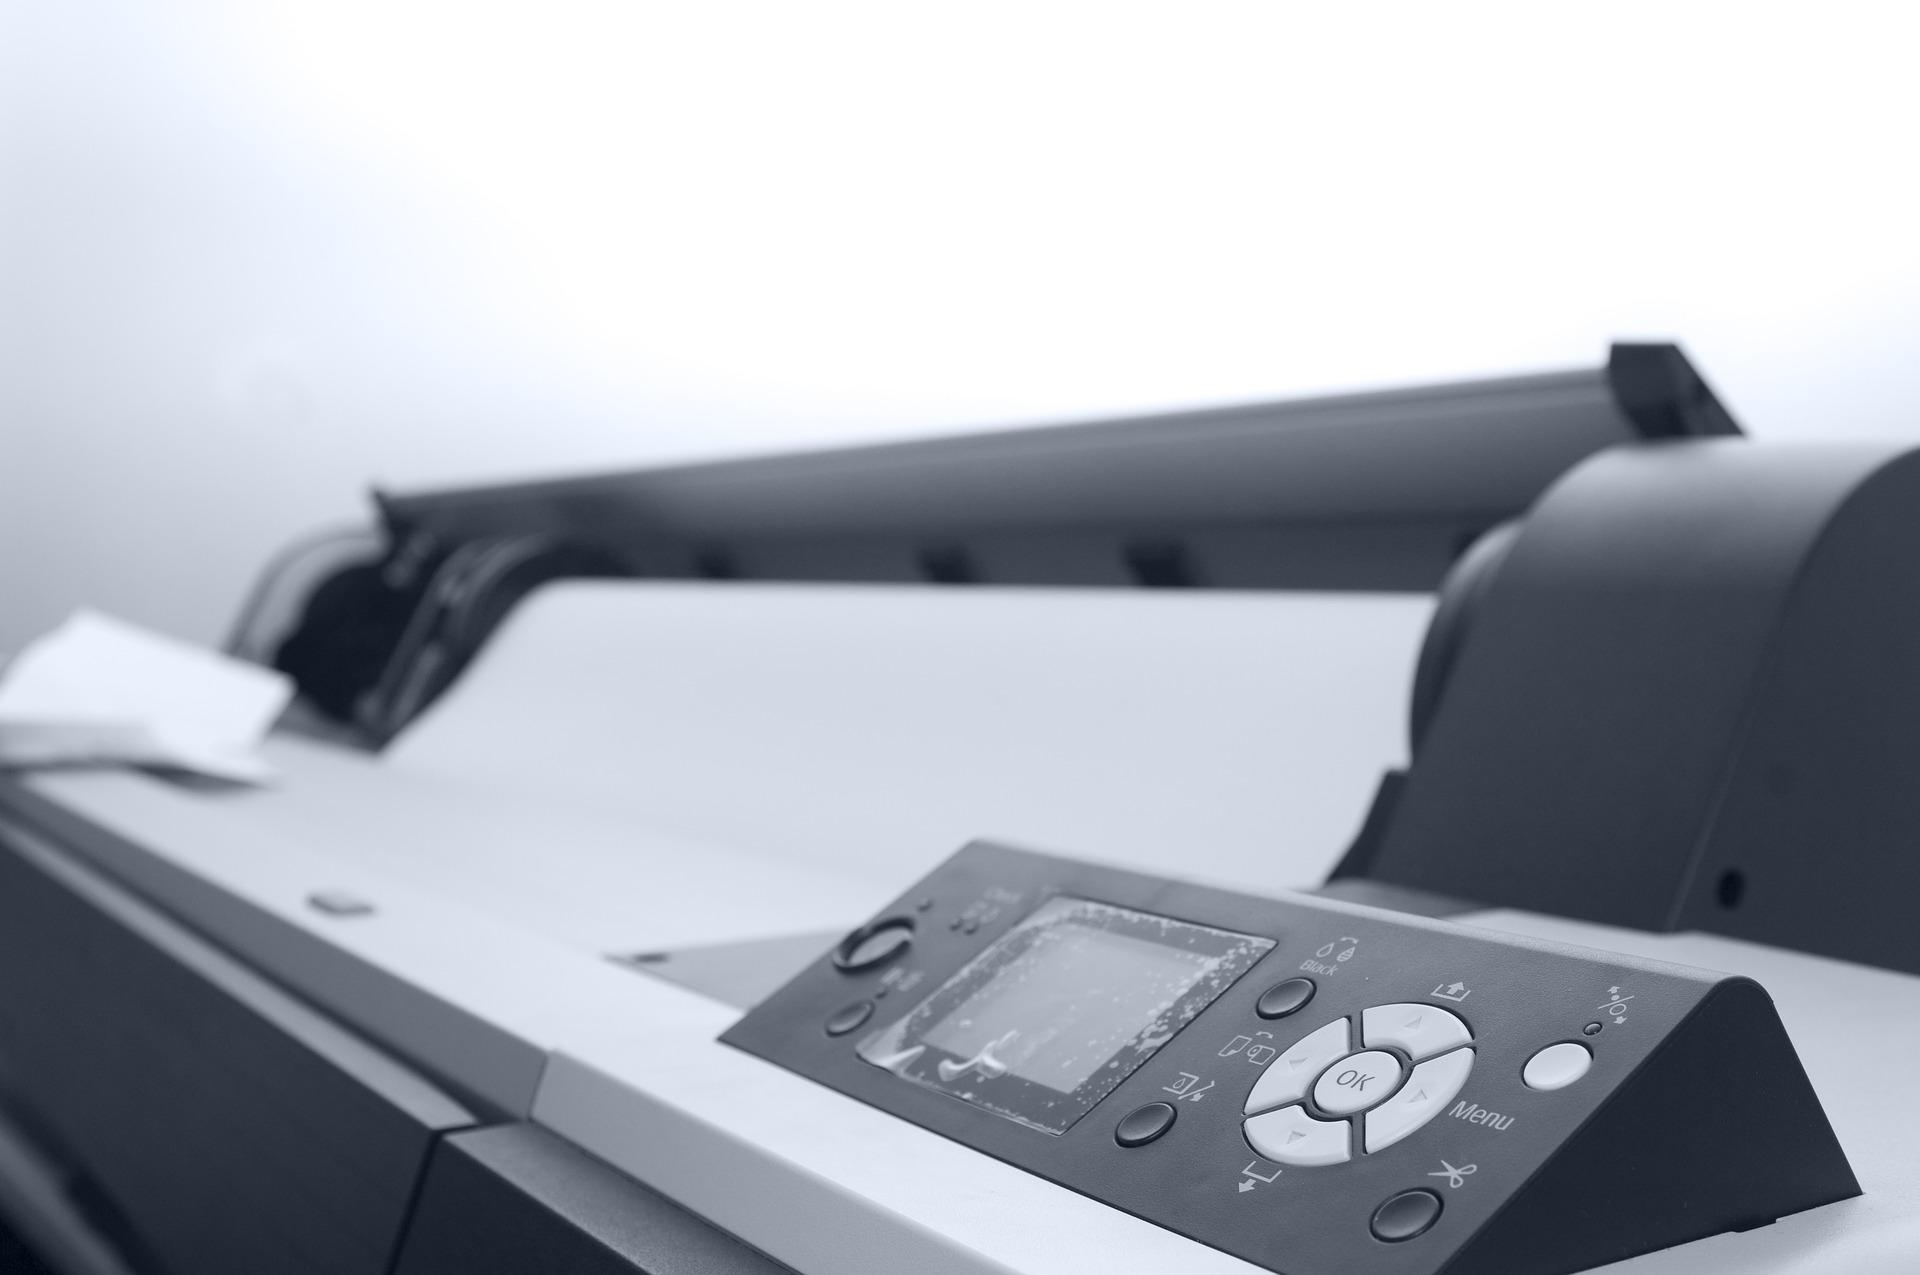 Sådan får du gang i din printer igen